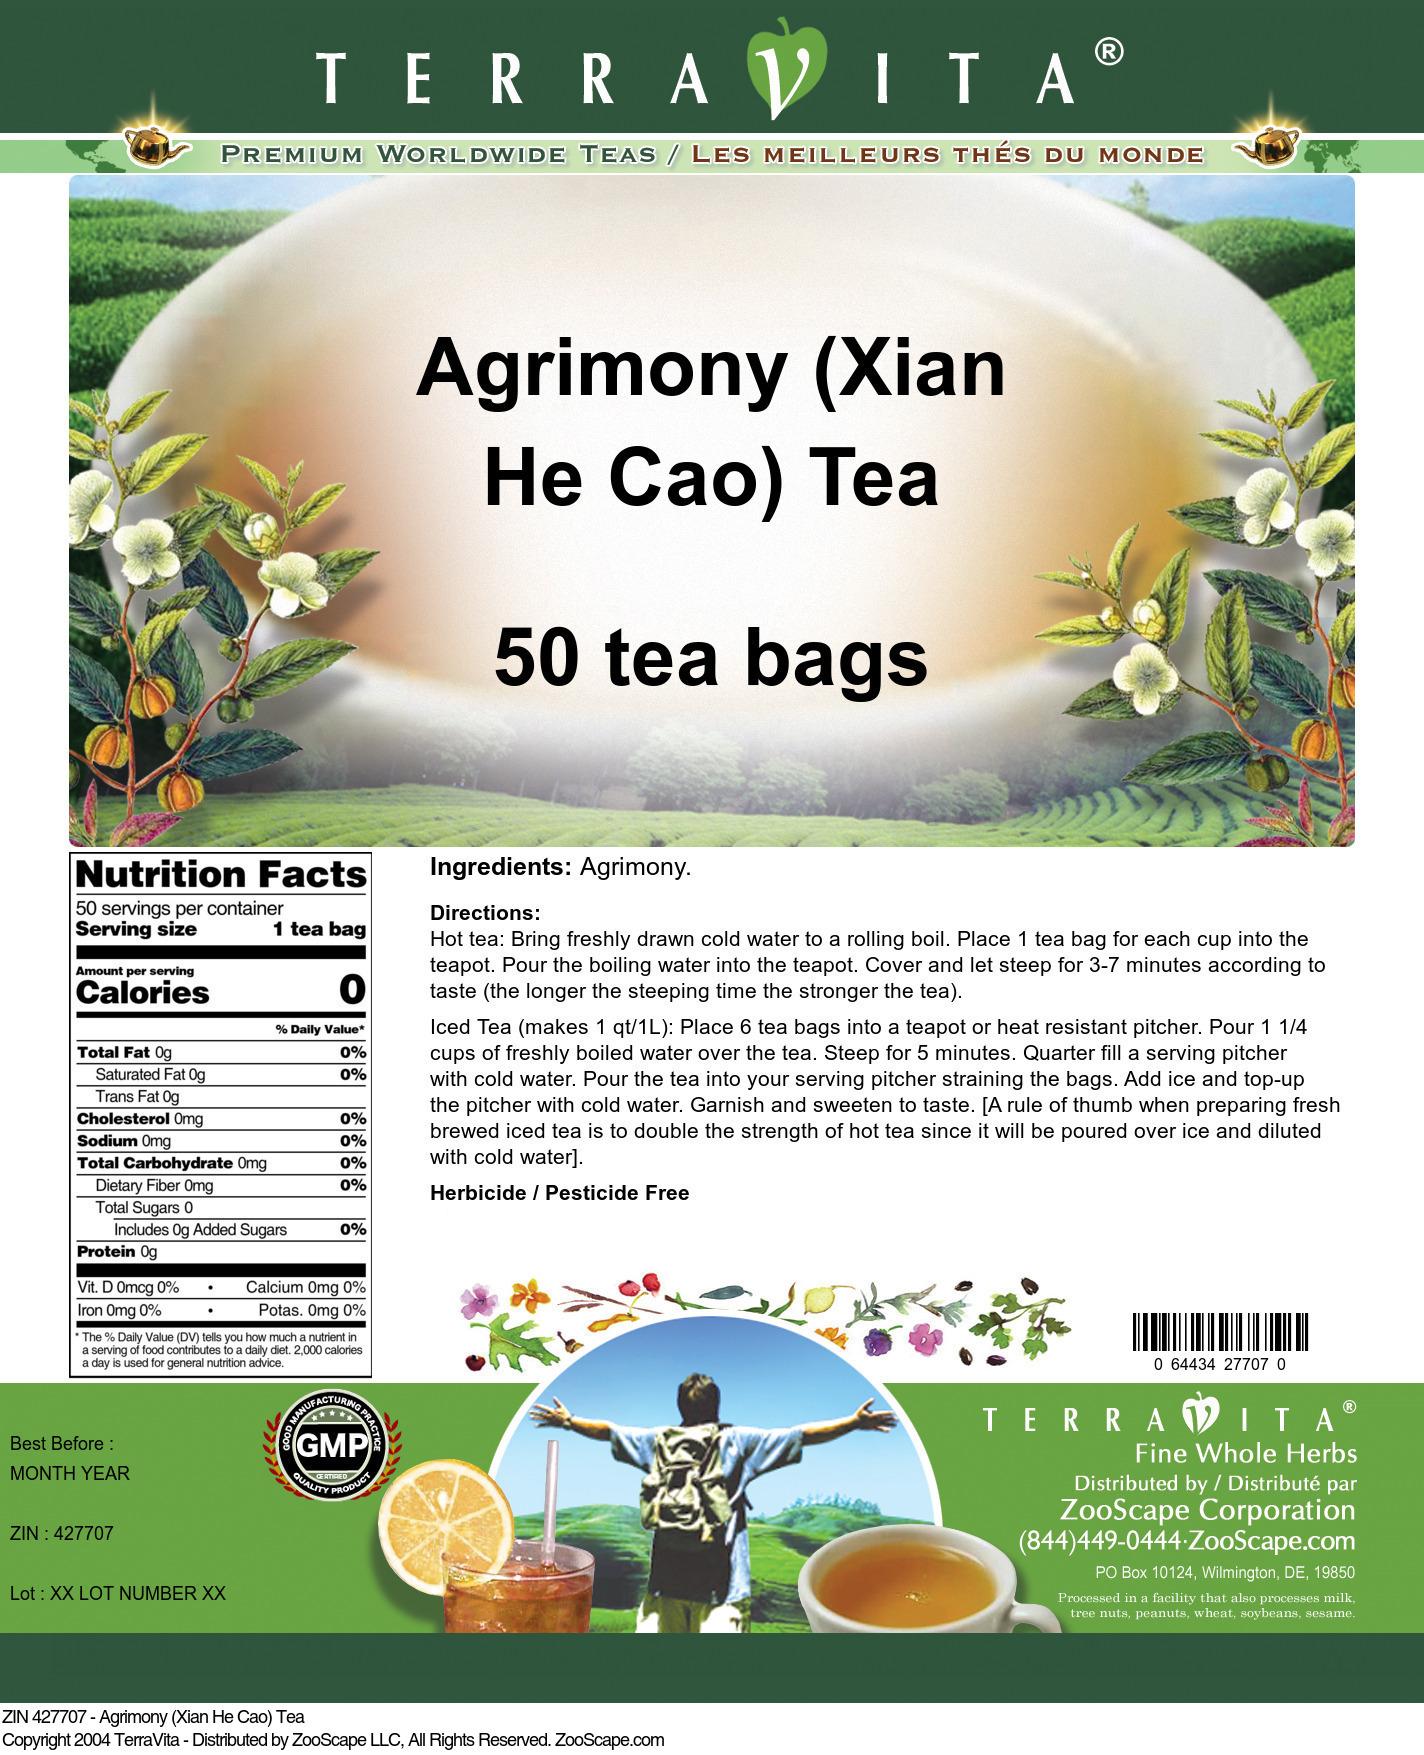 Agrimony (Xian He Cao) Tea